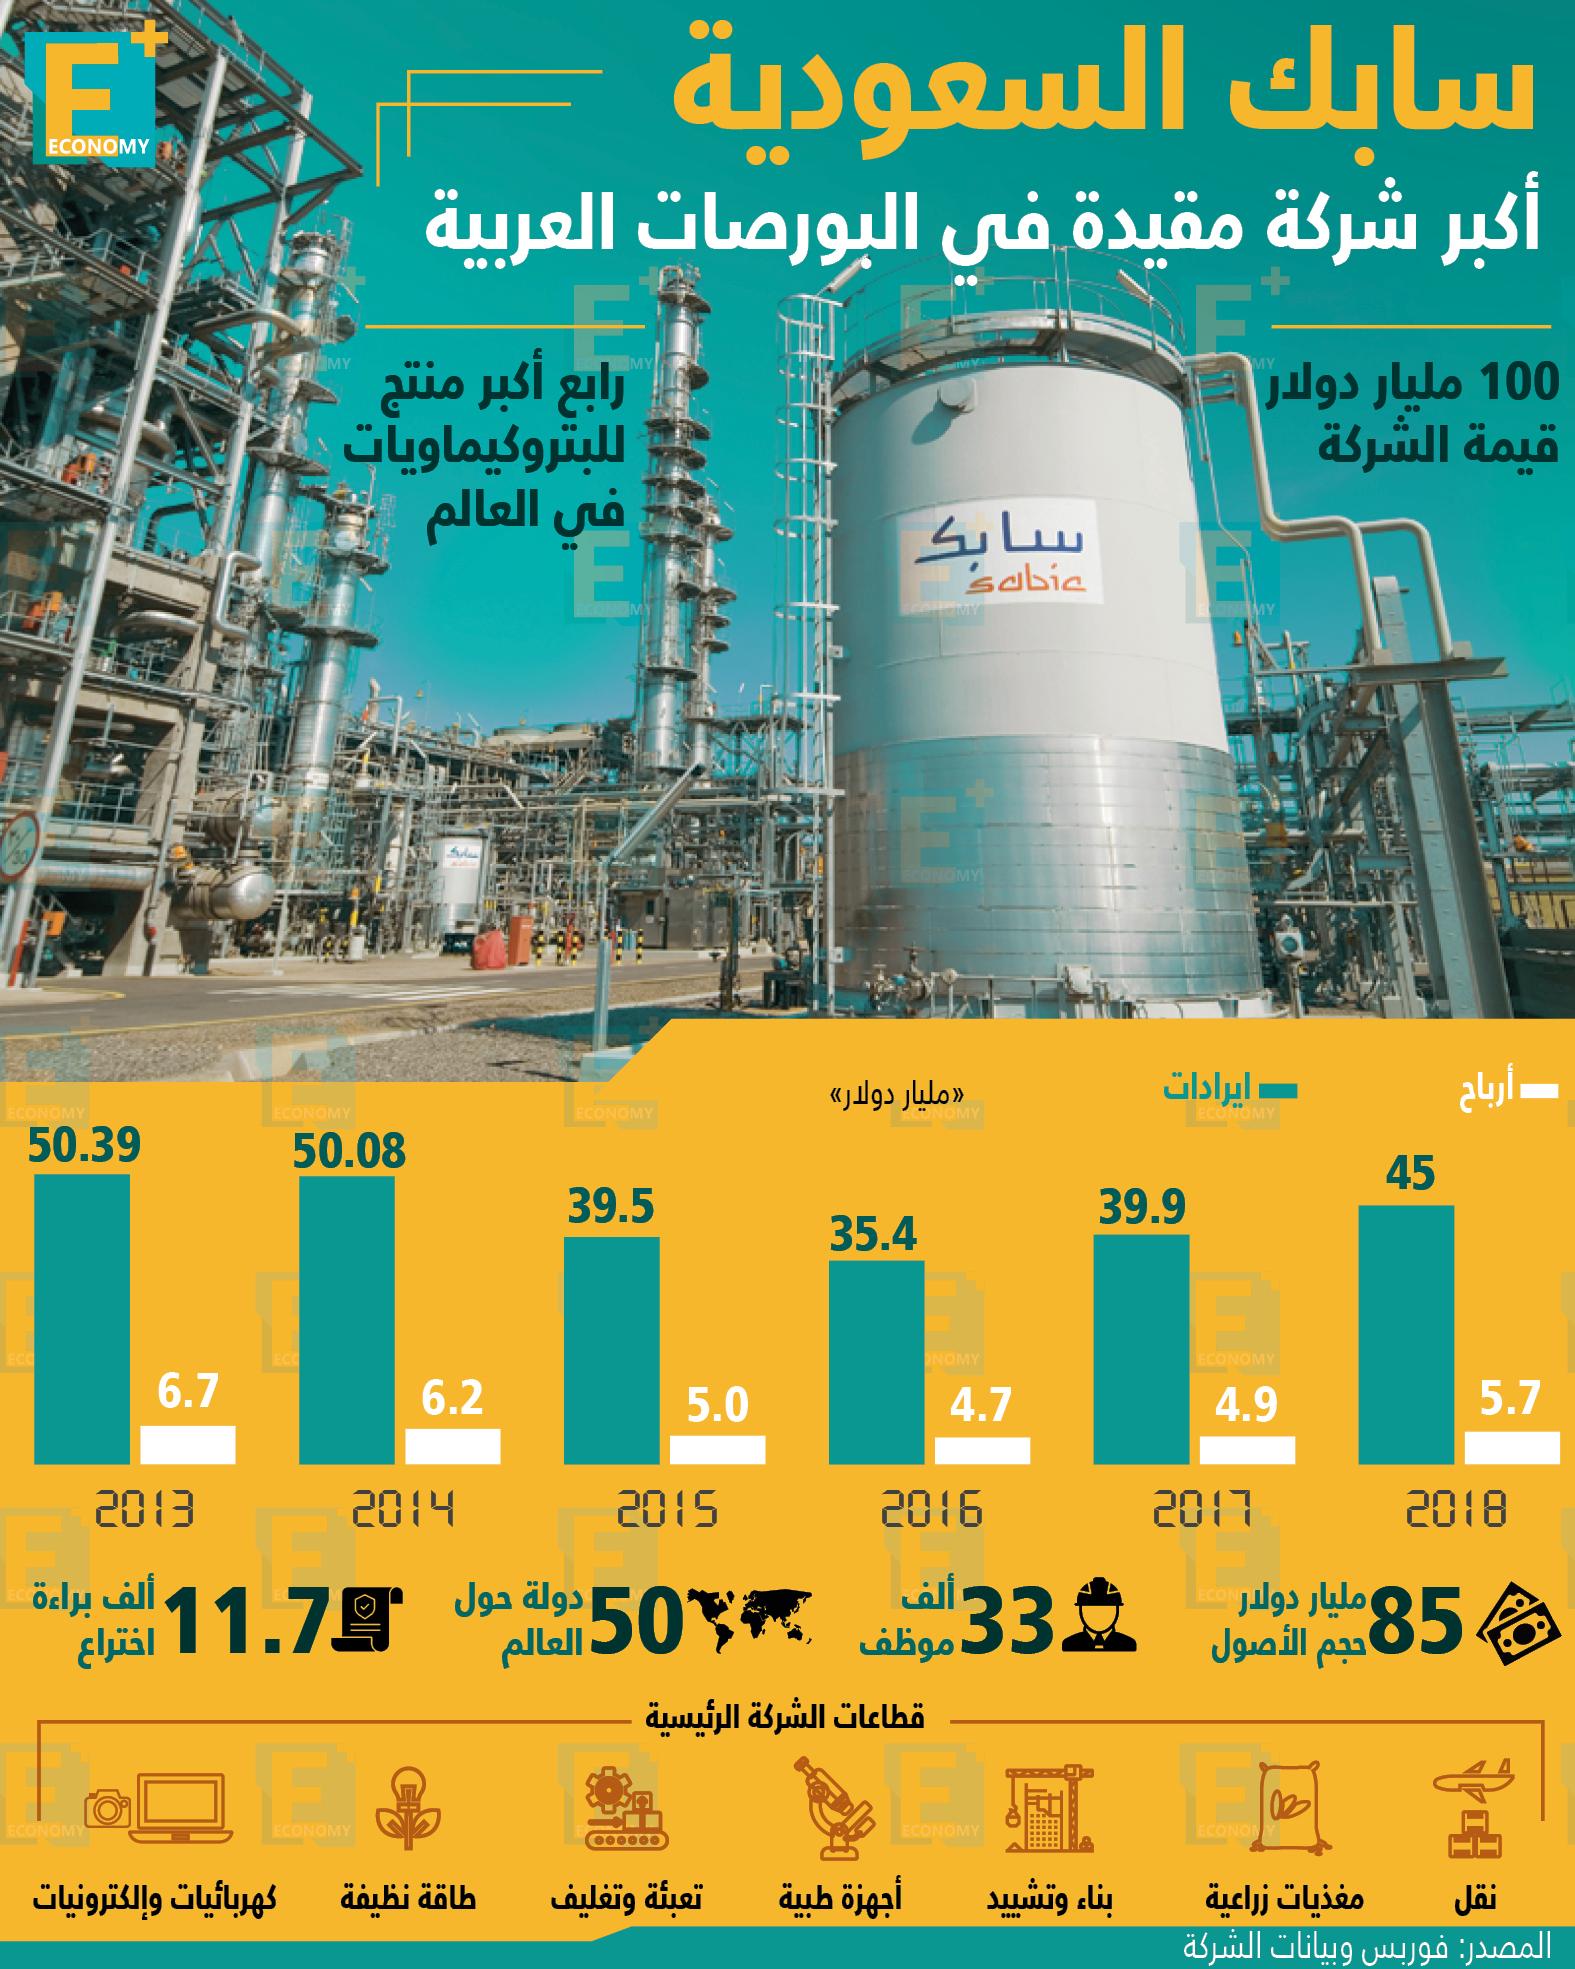 سابك السعودية أكبر شركة مقيدة في البورصات العربية